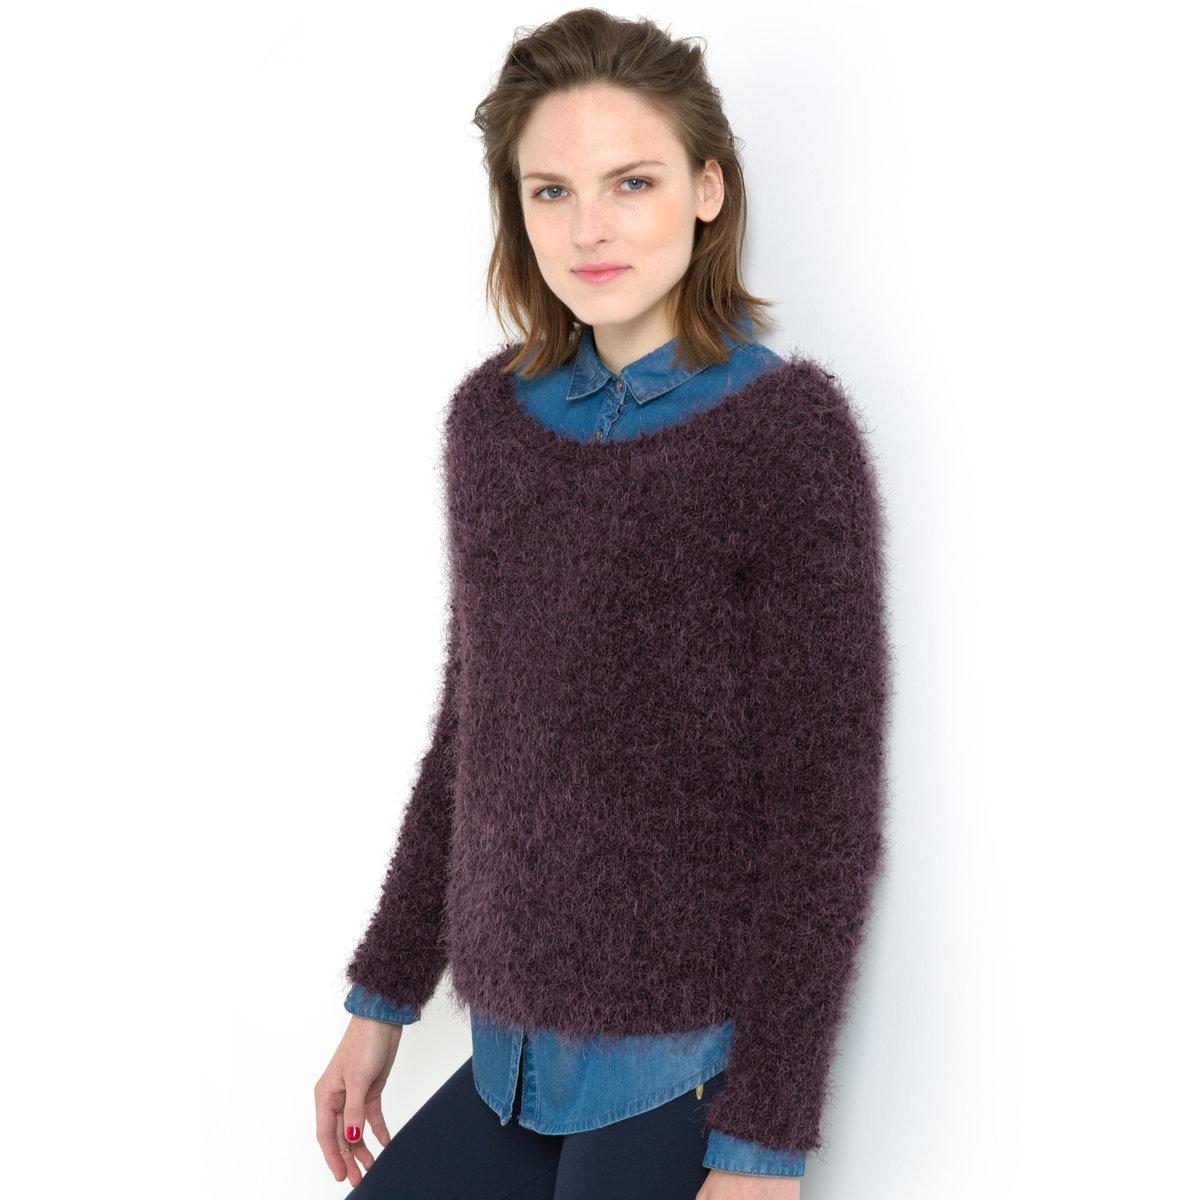 Пуловер<br><br>Цвет: баклажановый меланж,черный меланж<br>Размер: 46/48 (FR) - 52/54 (RUS).50/52 (FR) - 56/58 (RUS)